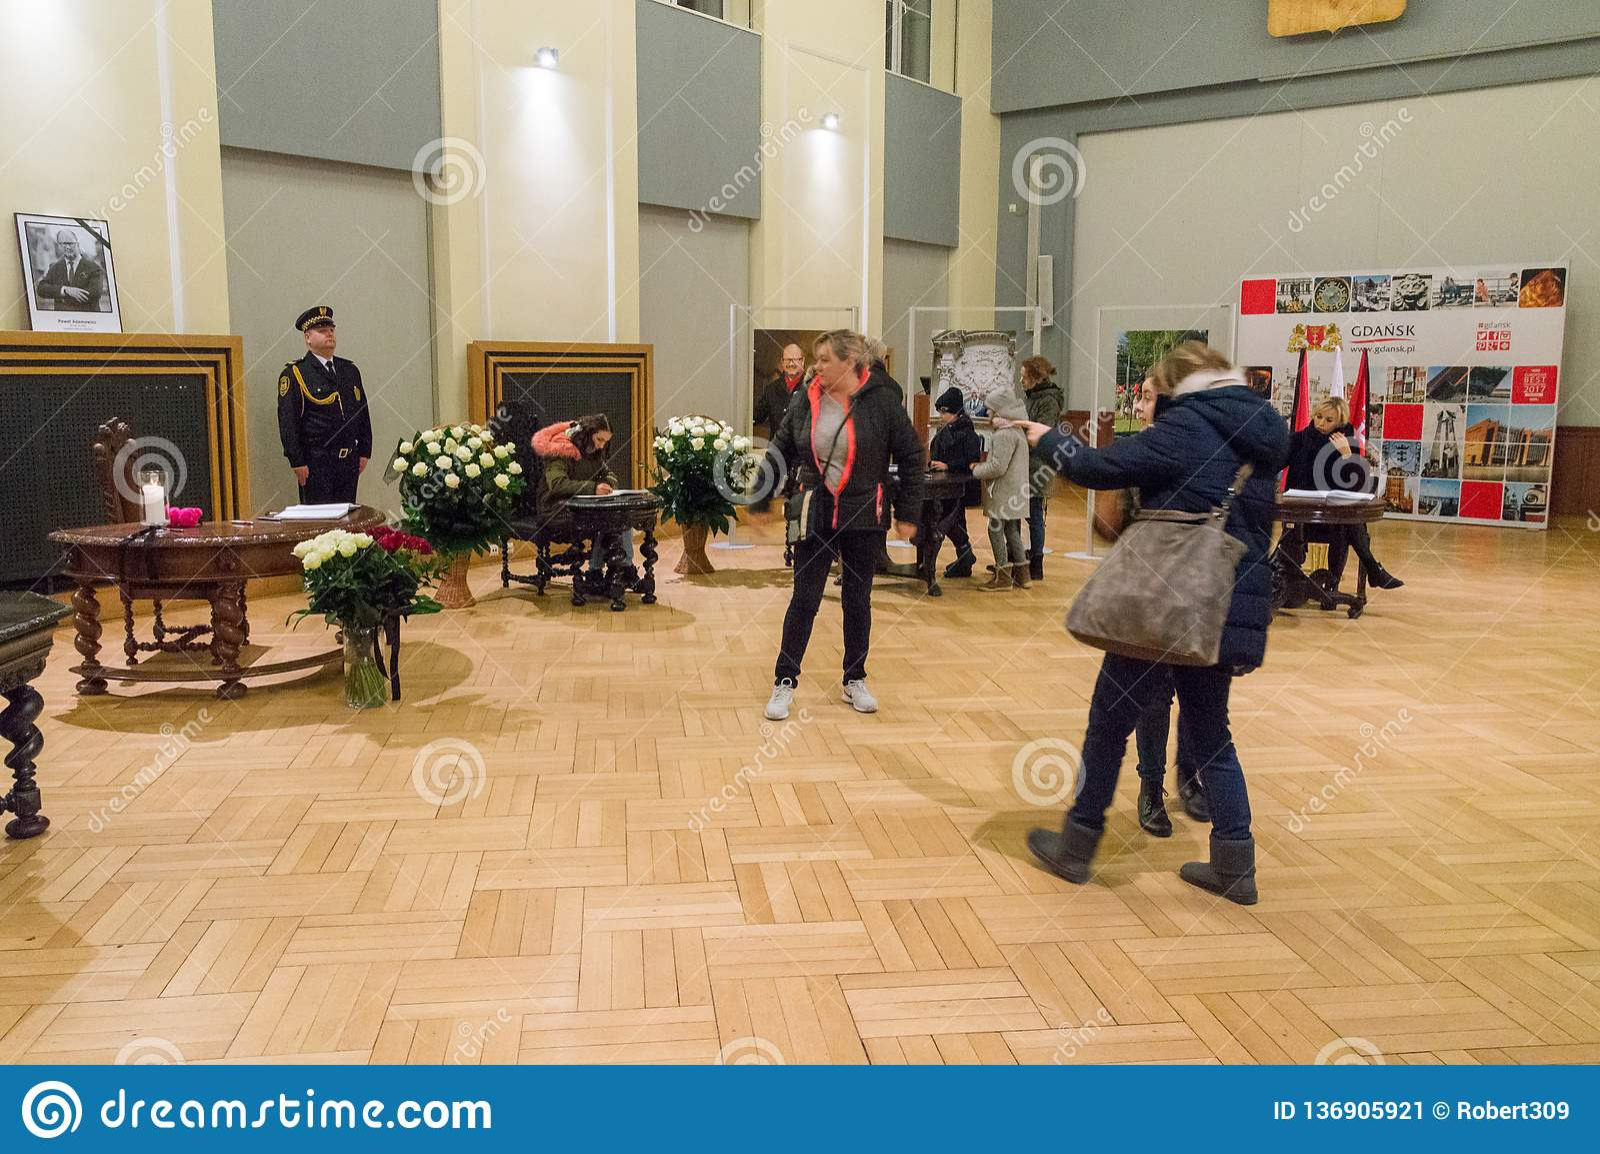 O pessoa escreve uma mensagem de pêsames em relação à morte do prefeito de Gdansk Pawel Adamowicz